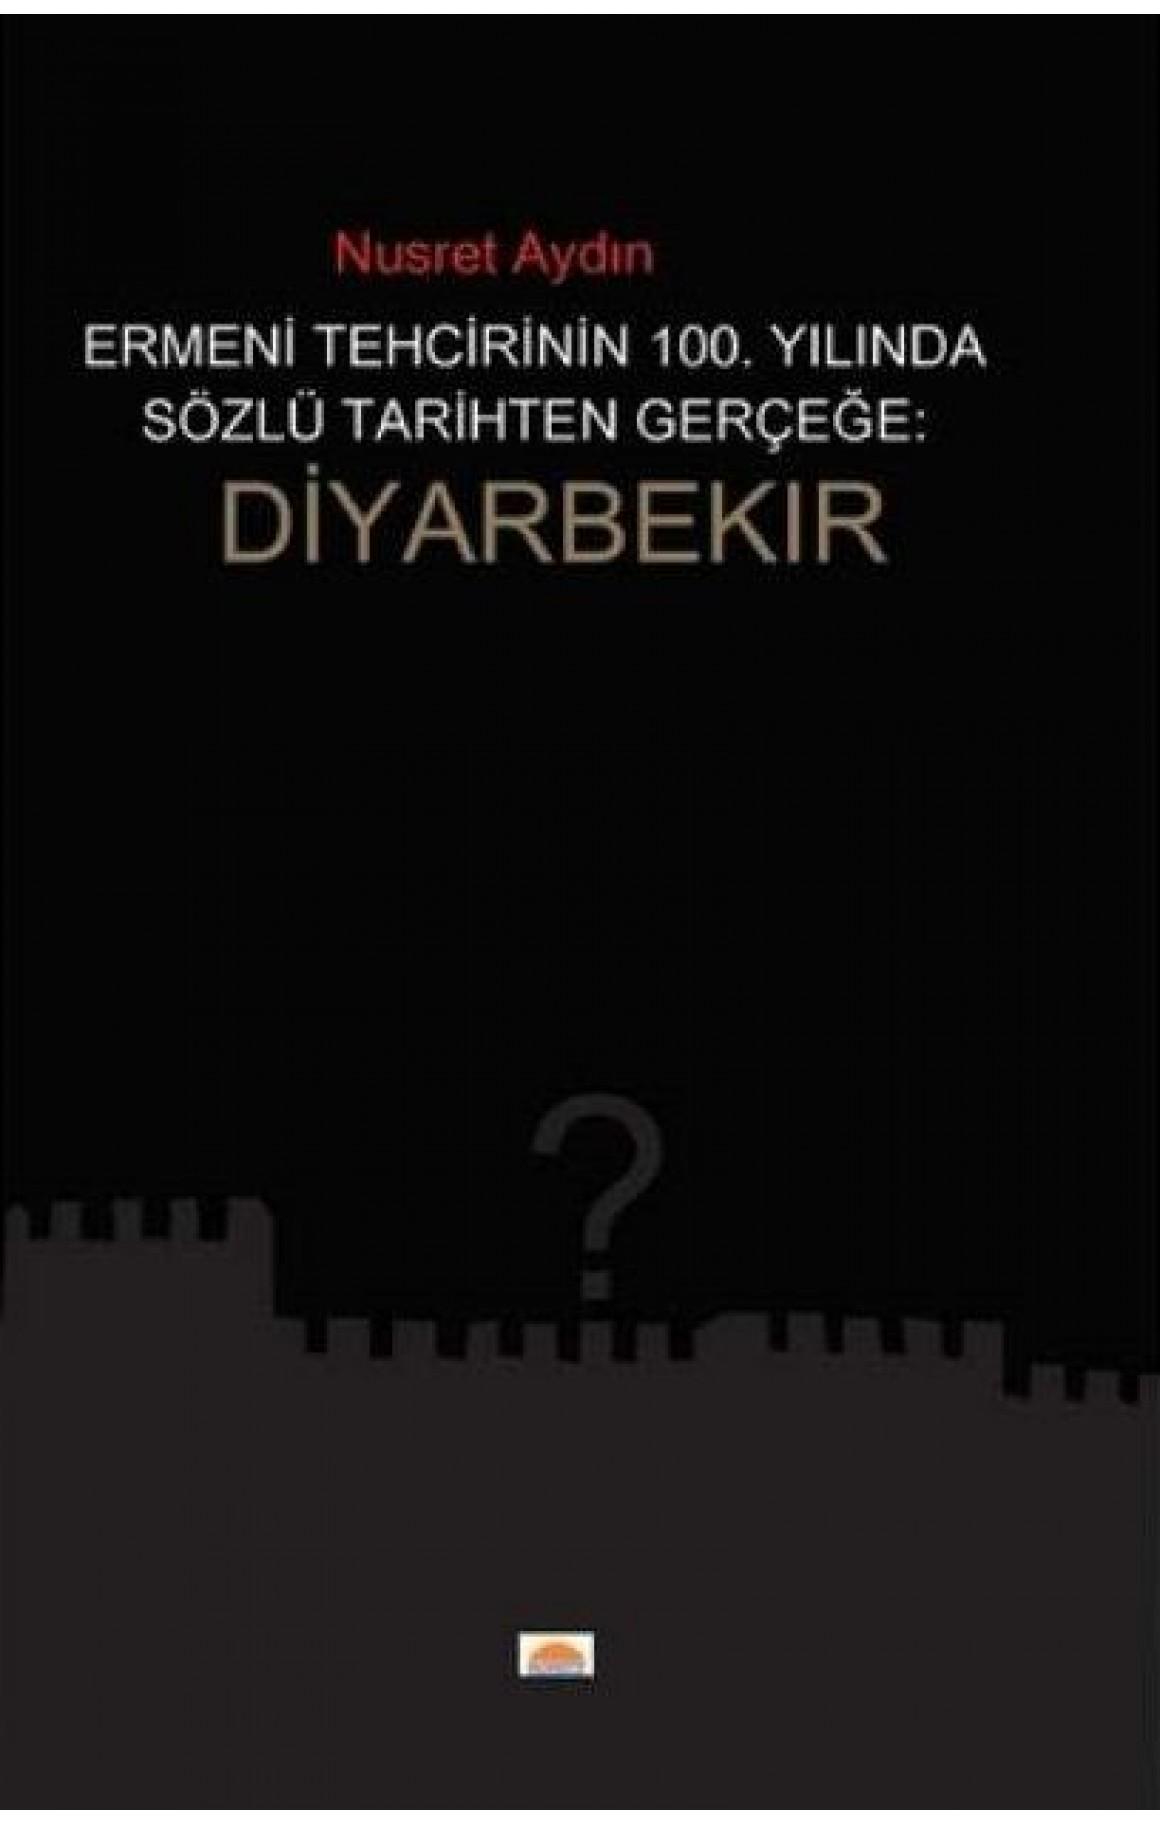 Ermeni Tehcirinin 100. Yılında Sözel Tarihten Gerçeğe: Diyarbekir